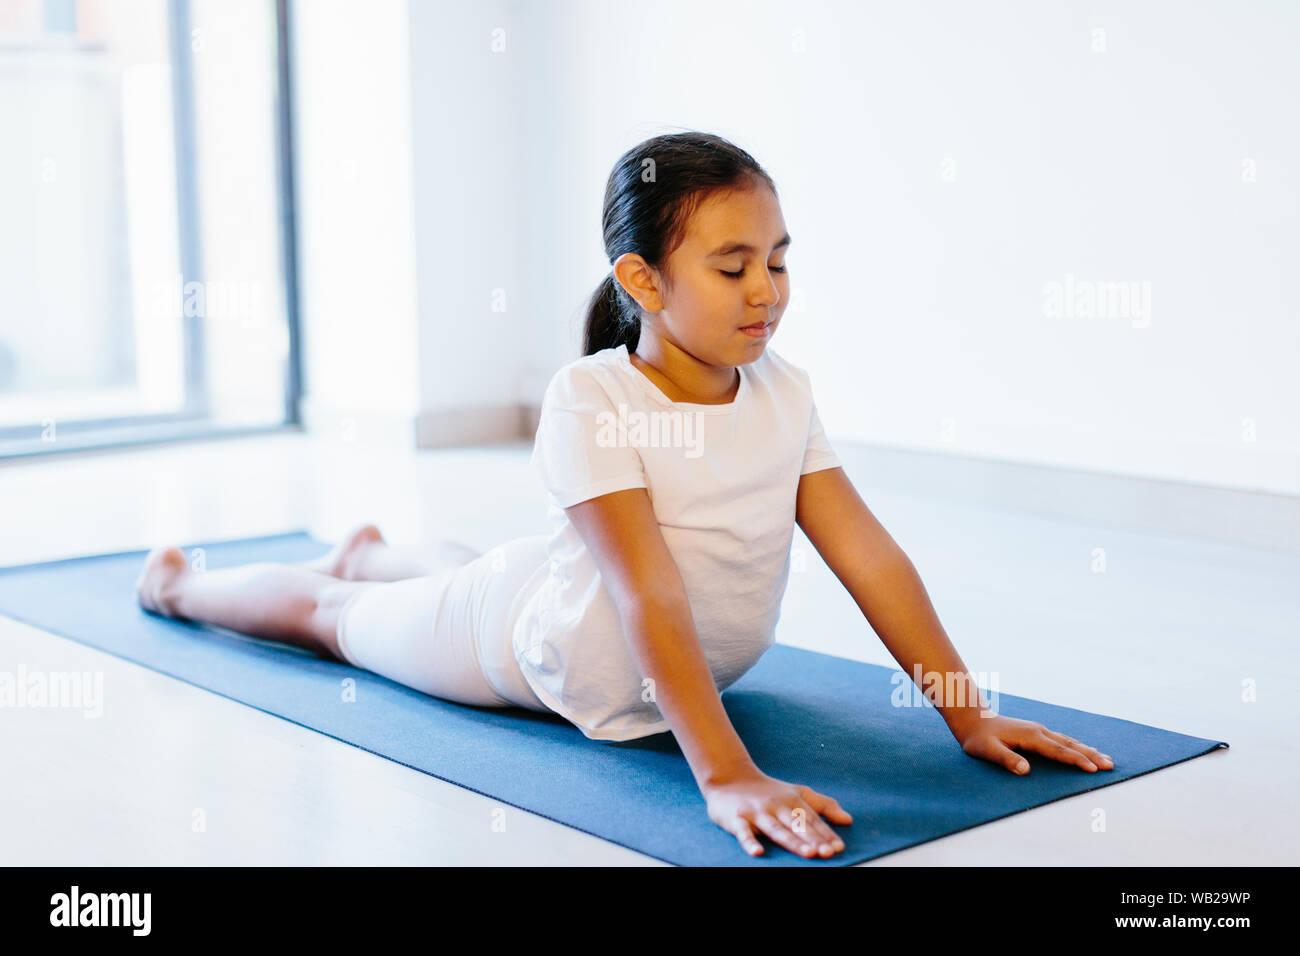 Una niña de 9 años es hacer yoga plantean acostado sobre una estera del yoga. Ella llevaba ropa blanca. Ella tiene características de etnia hispana. Foto de stock